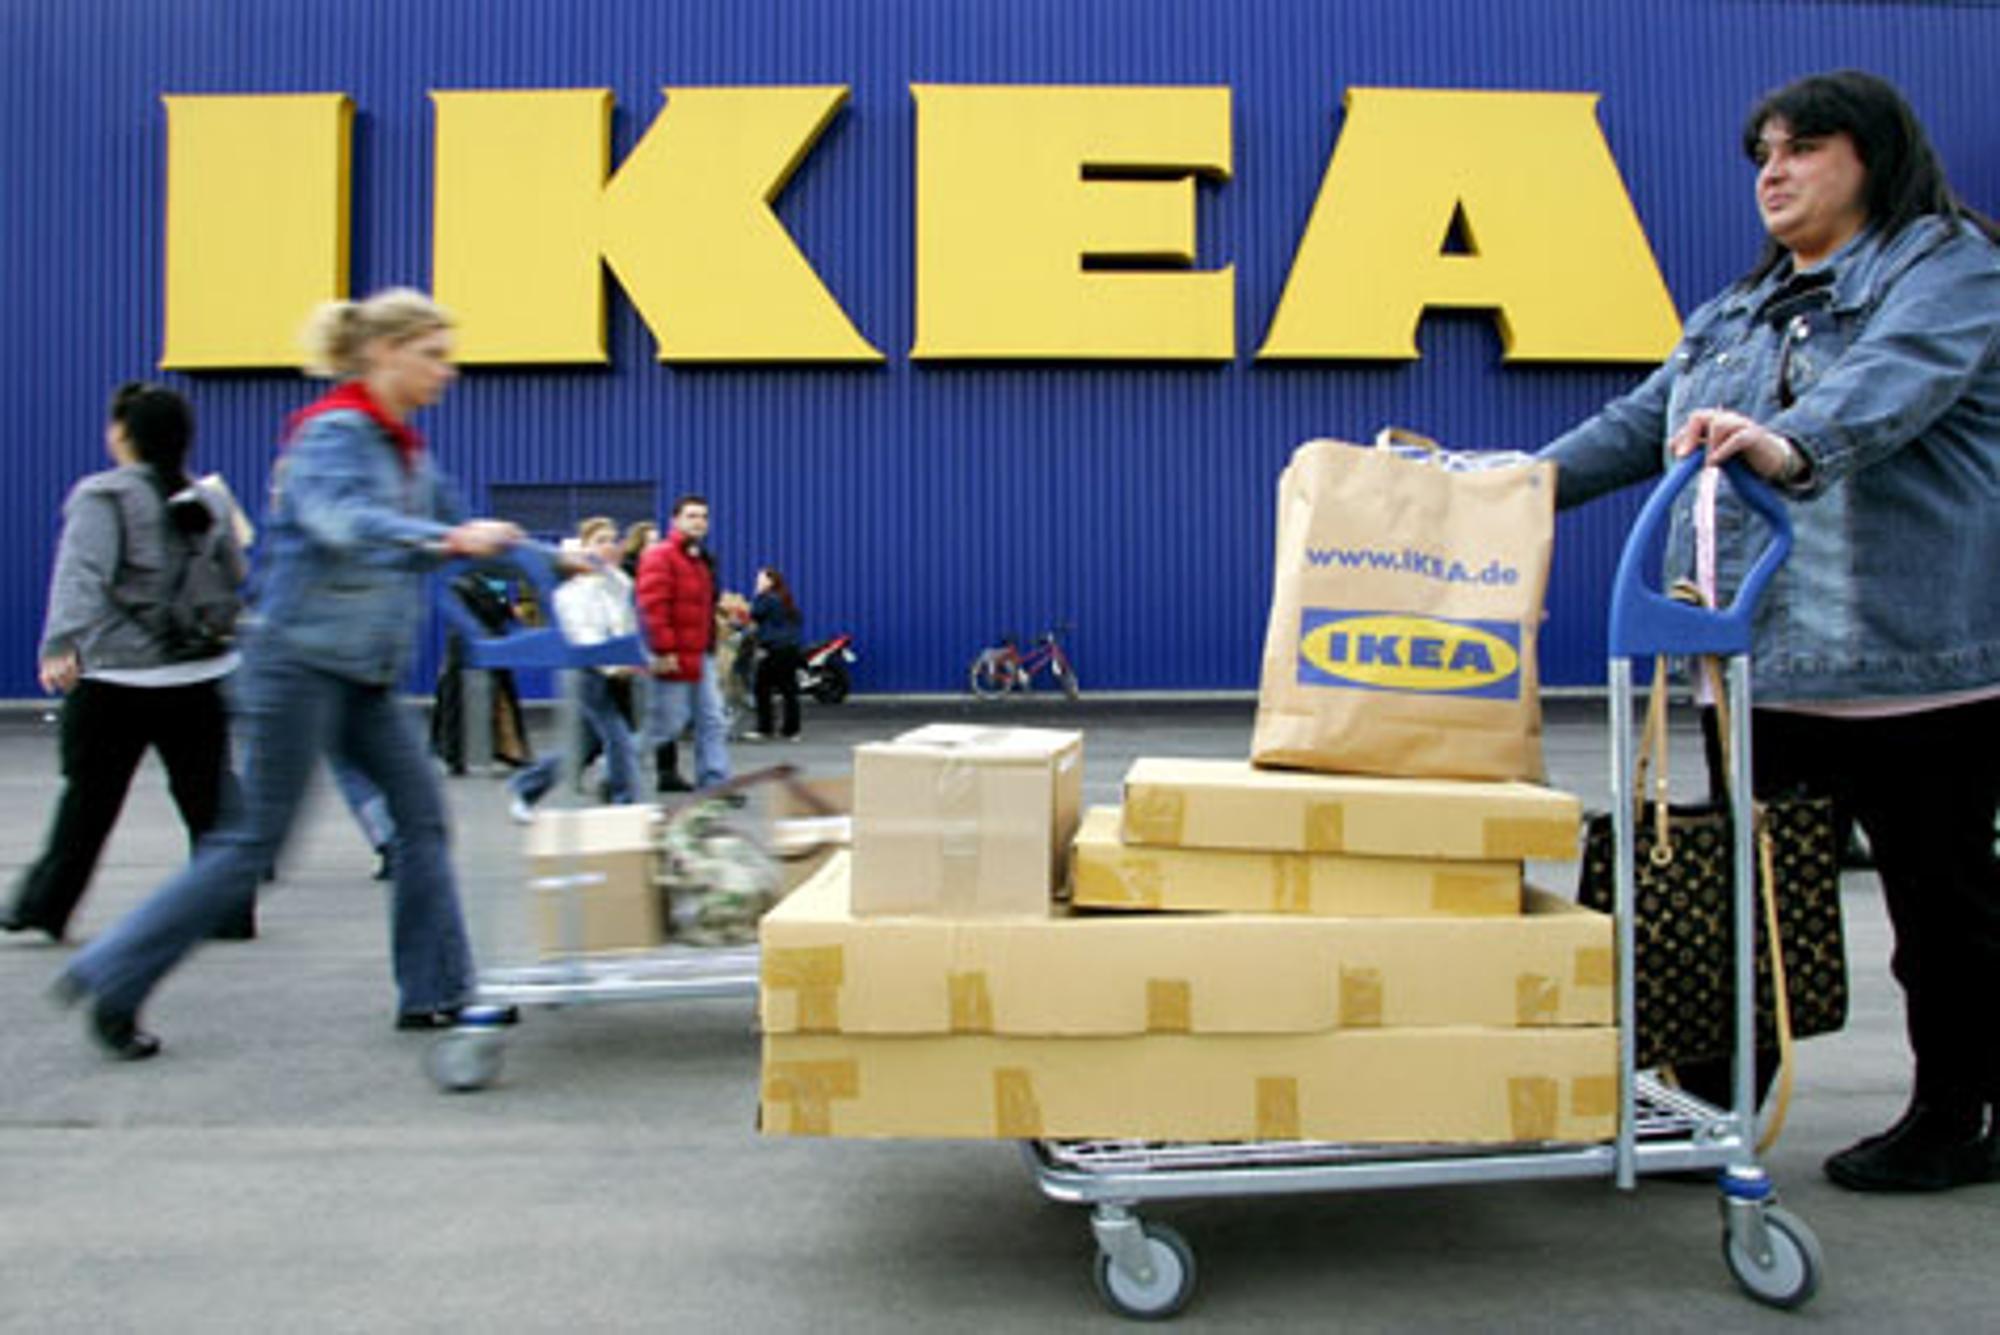 Frankreich: Frustrierte IKEA-Mitarbeiter besetzen Zentrale   Wirtschaft